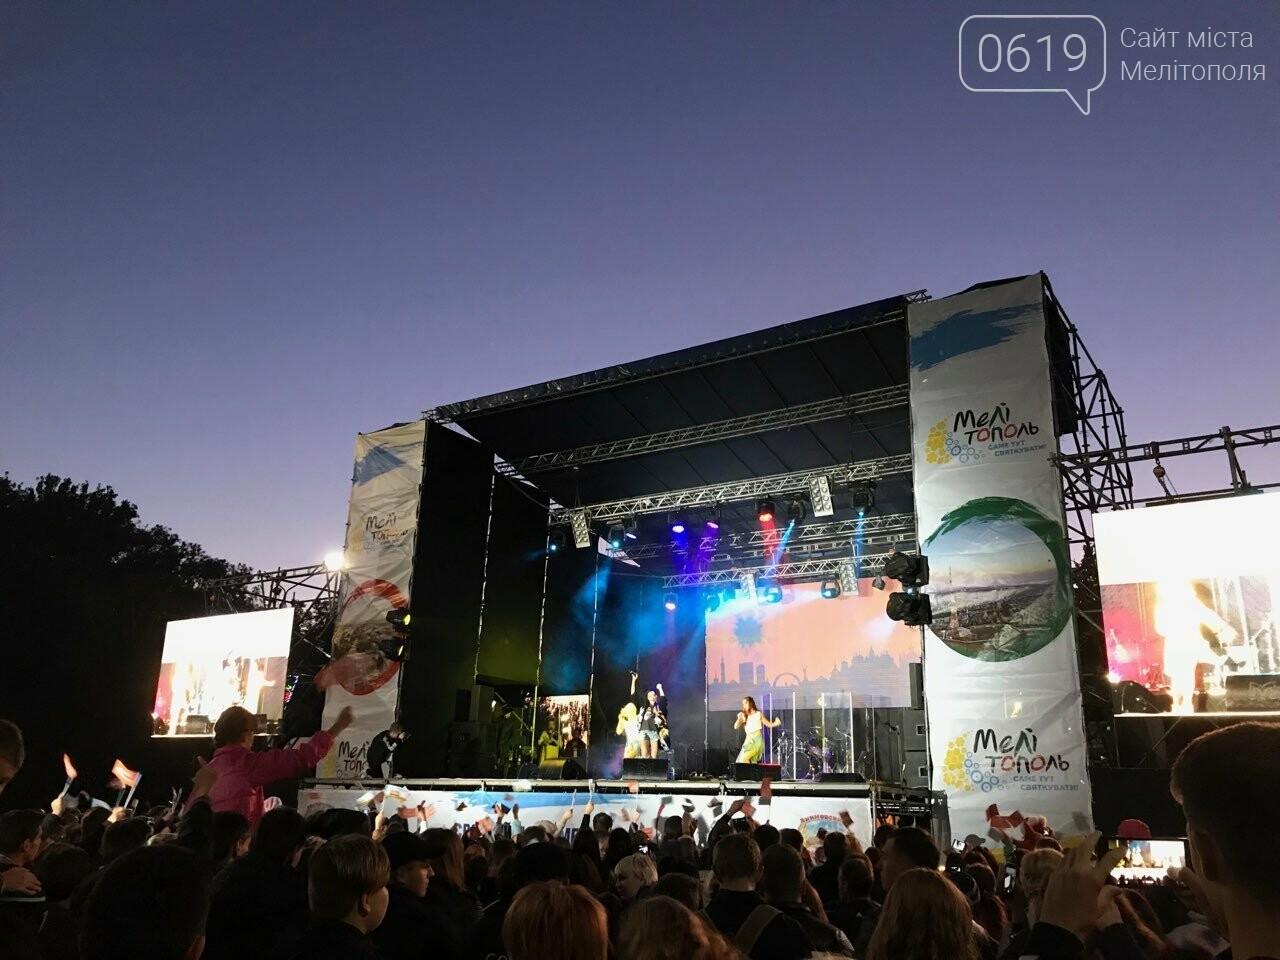 В Мелитополе День города отметили концертом и ярким фейерверком, фото-3